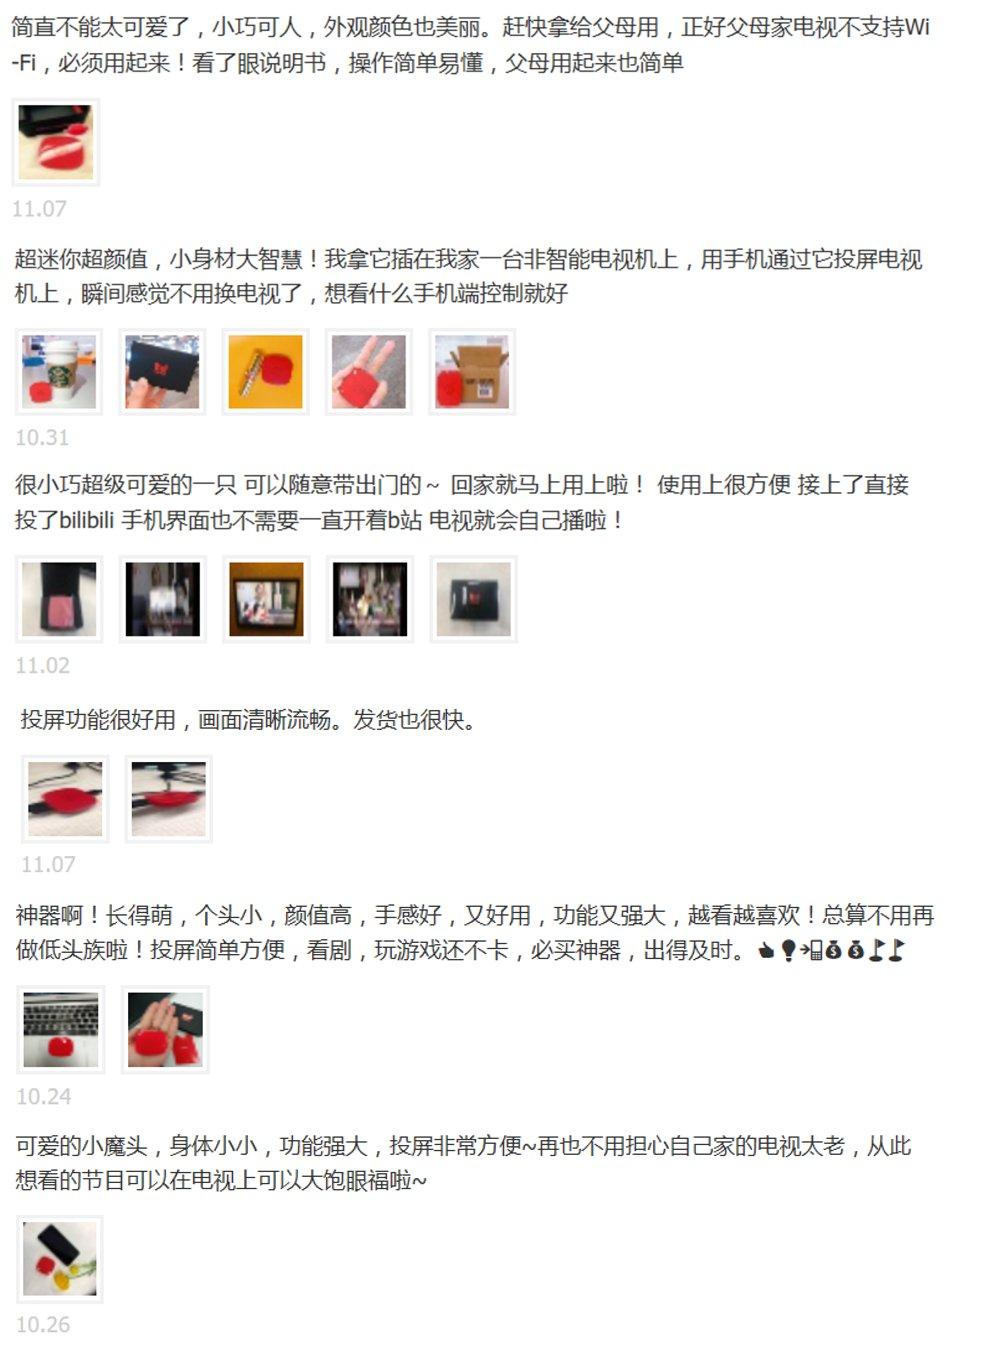 天猫魔投2K双11单日销量破20万台 引爆投屏追剧潮流